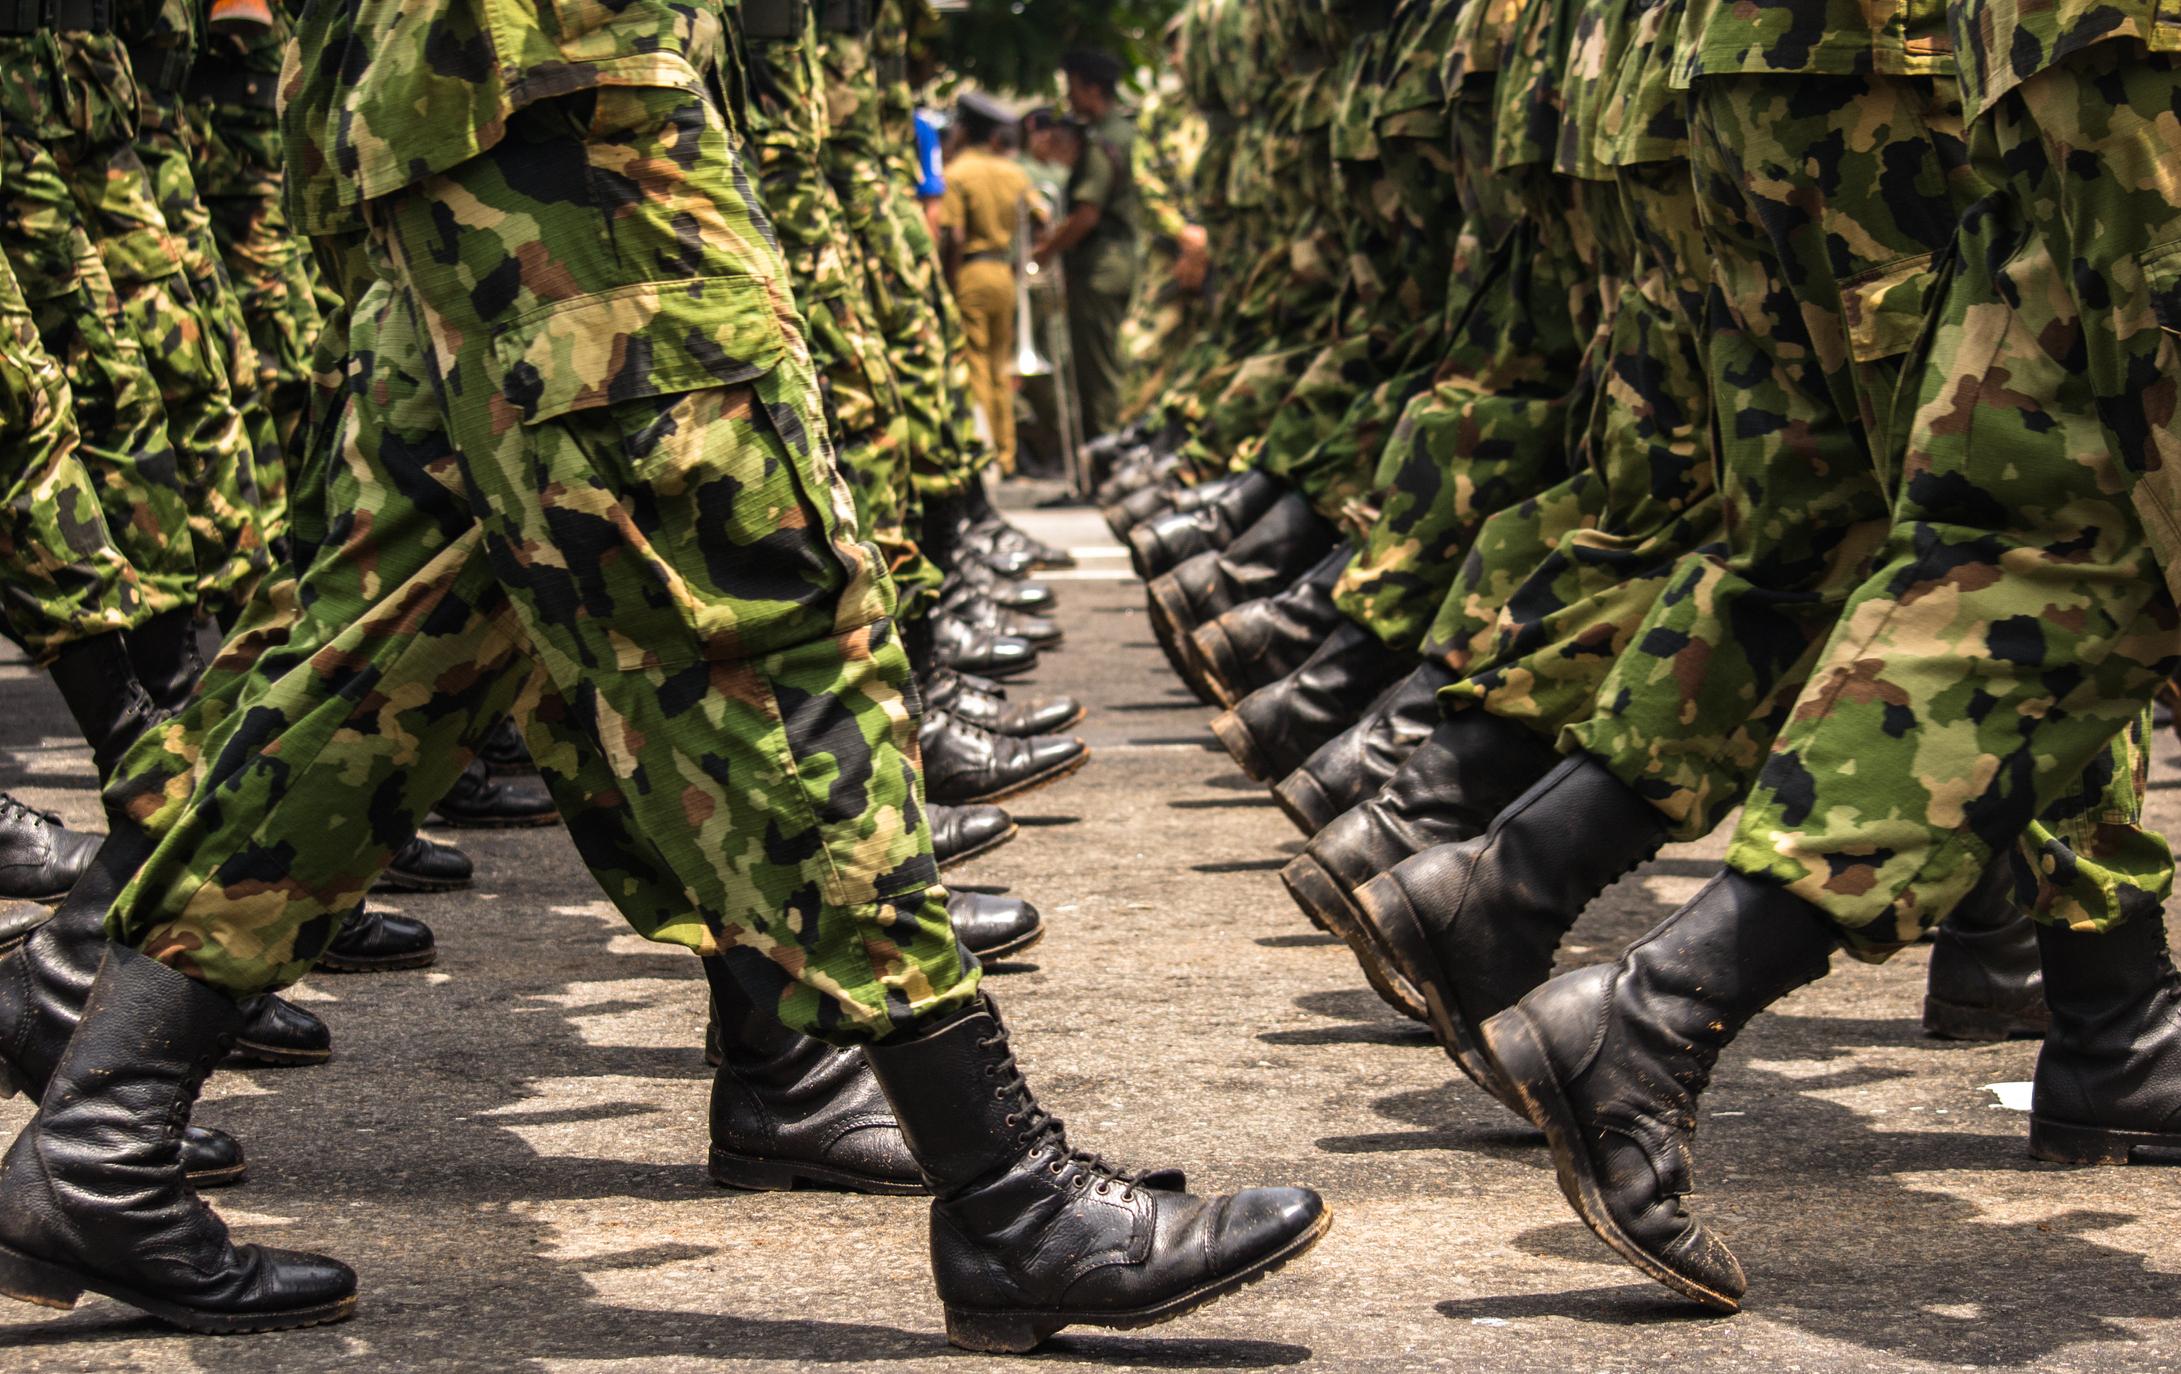 Sri Lankan military targets Muslims